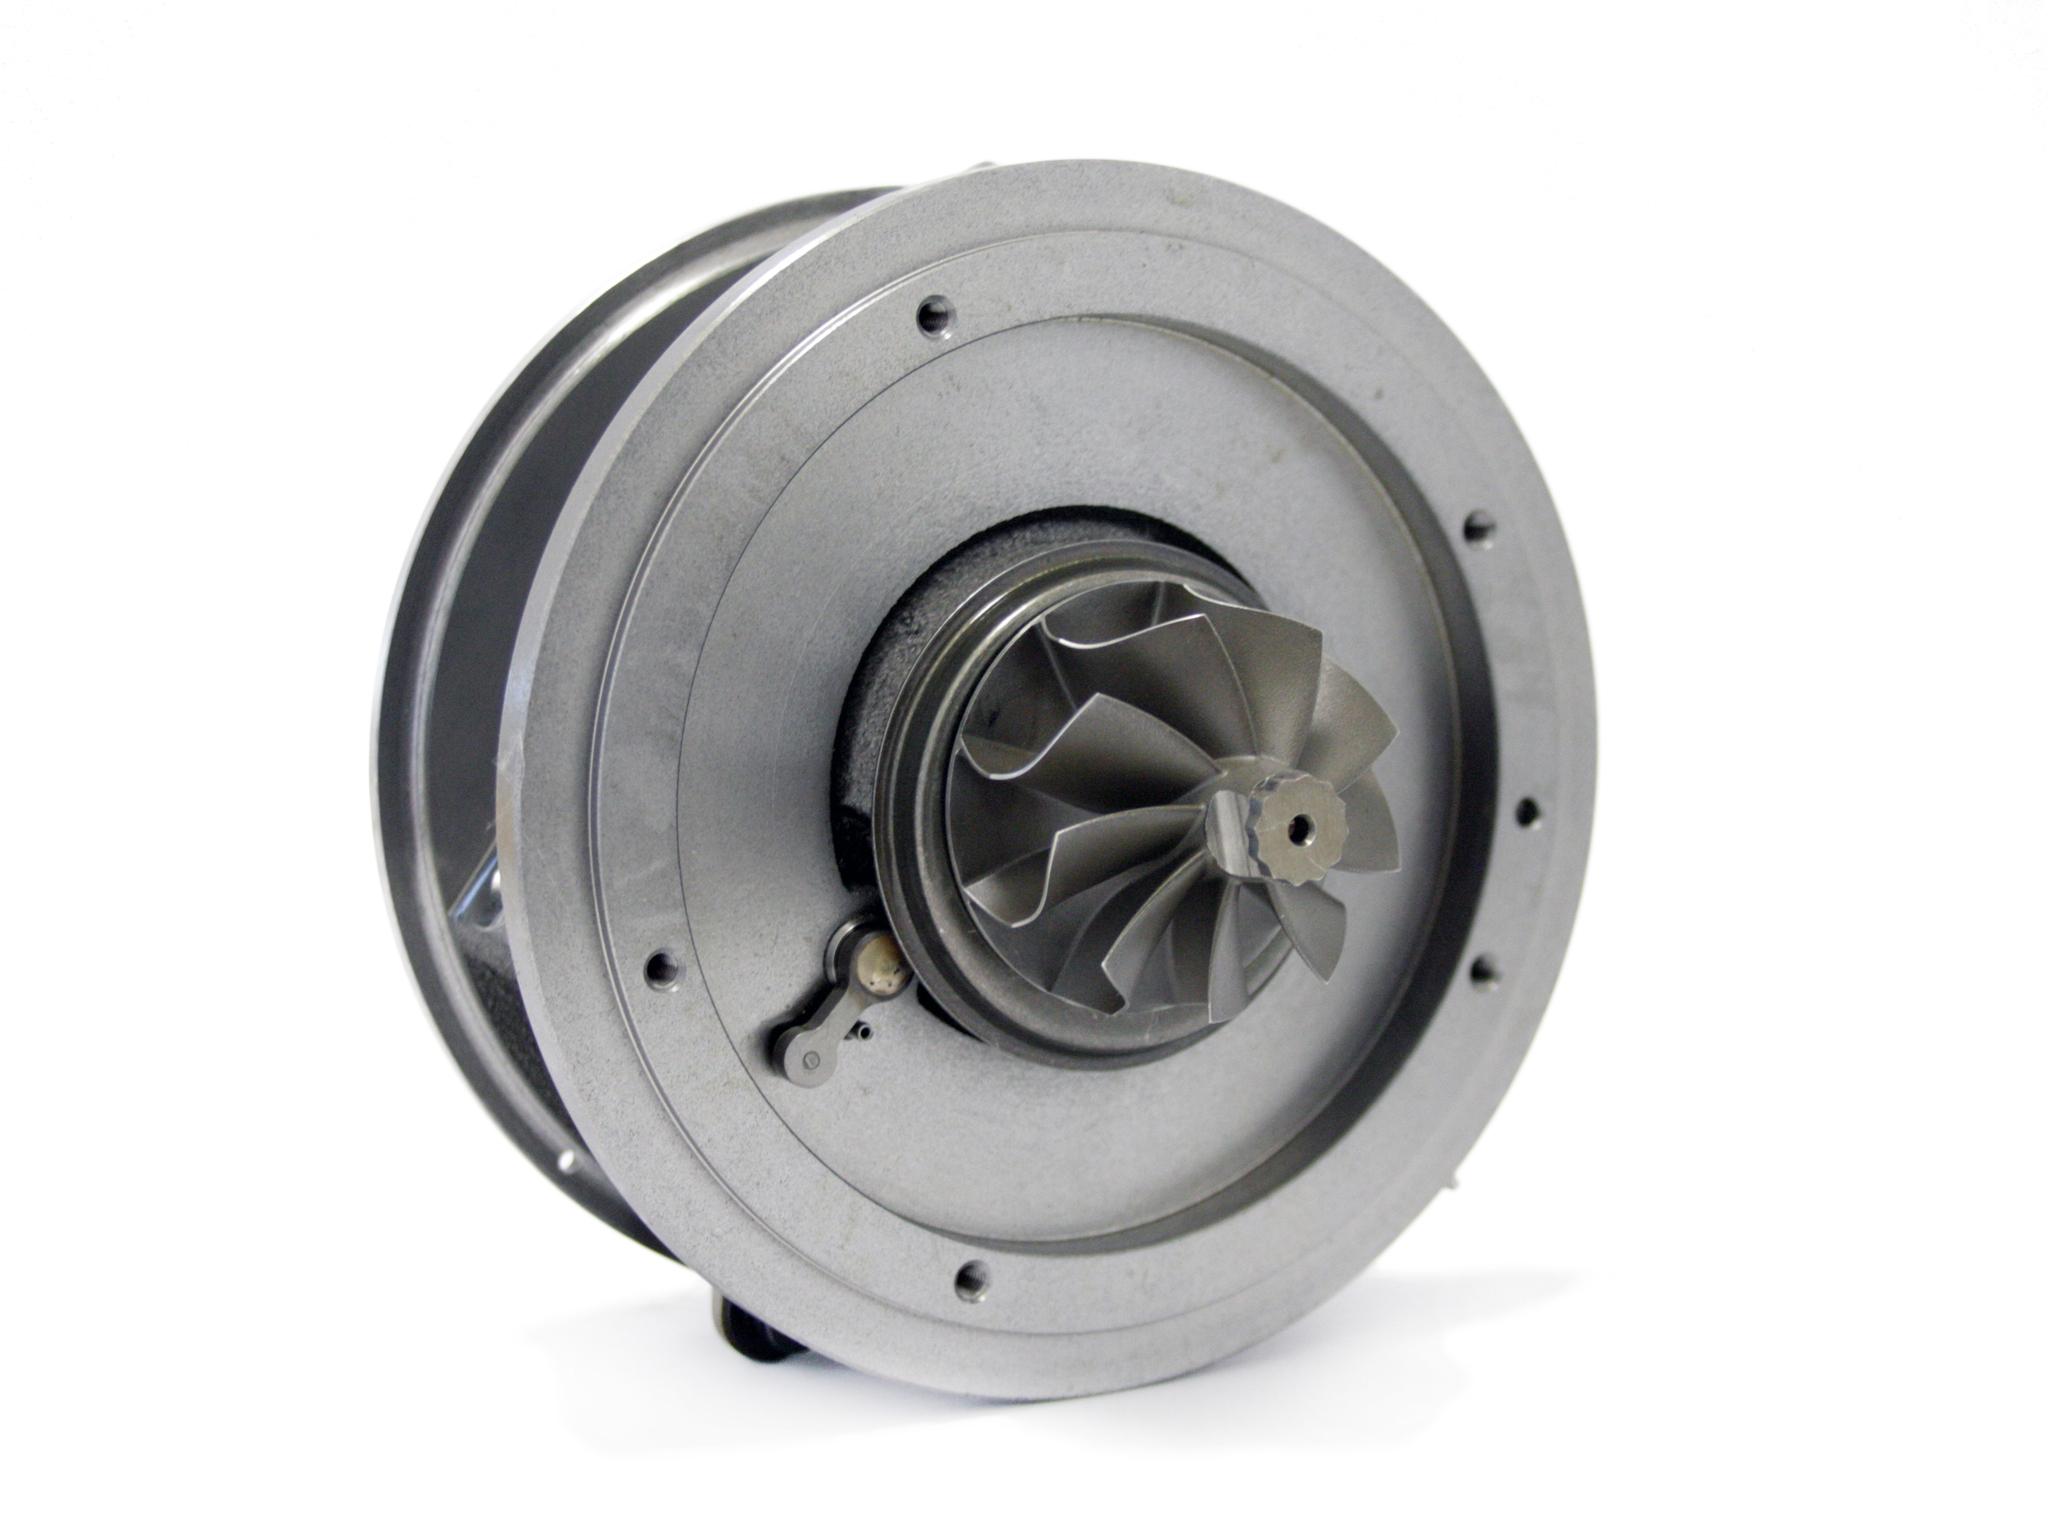 Картридж турбины GTB2056VZK Фольксваген Туарег 3.0 TDI 204 л.с.